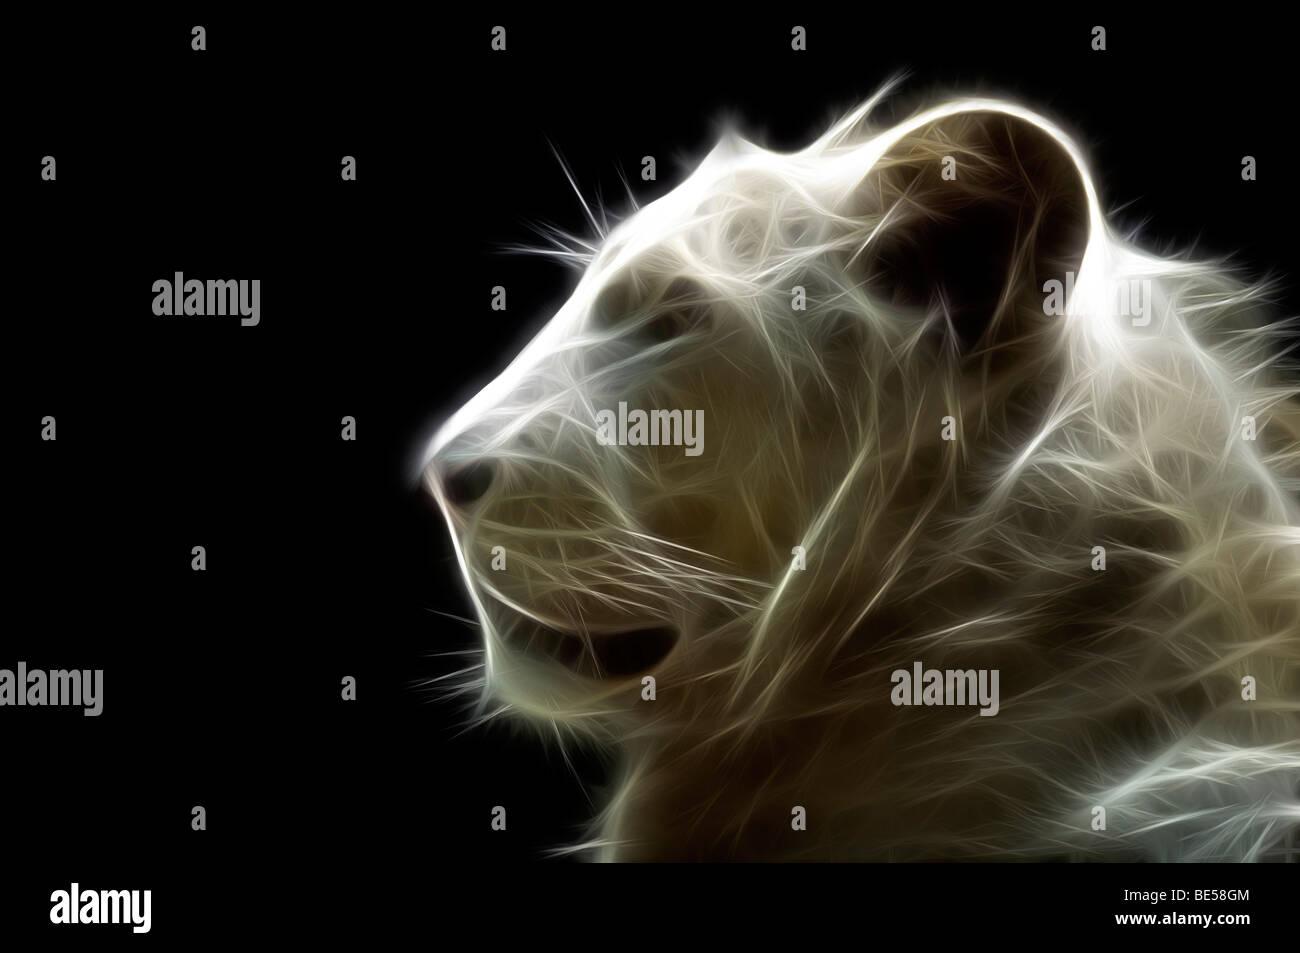 Un formato digitale illustrato la testa di un leone bianco (Panthera leo). Ritratto d'onu lion blanc ( Dessin Immagini Stock